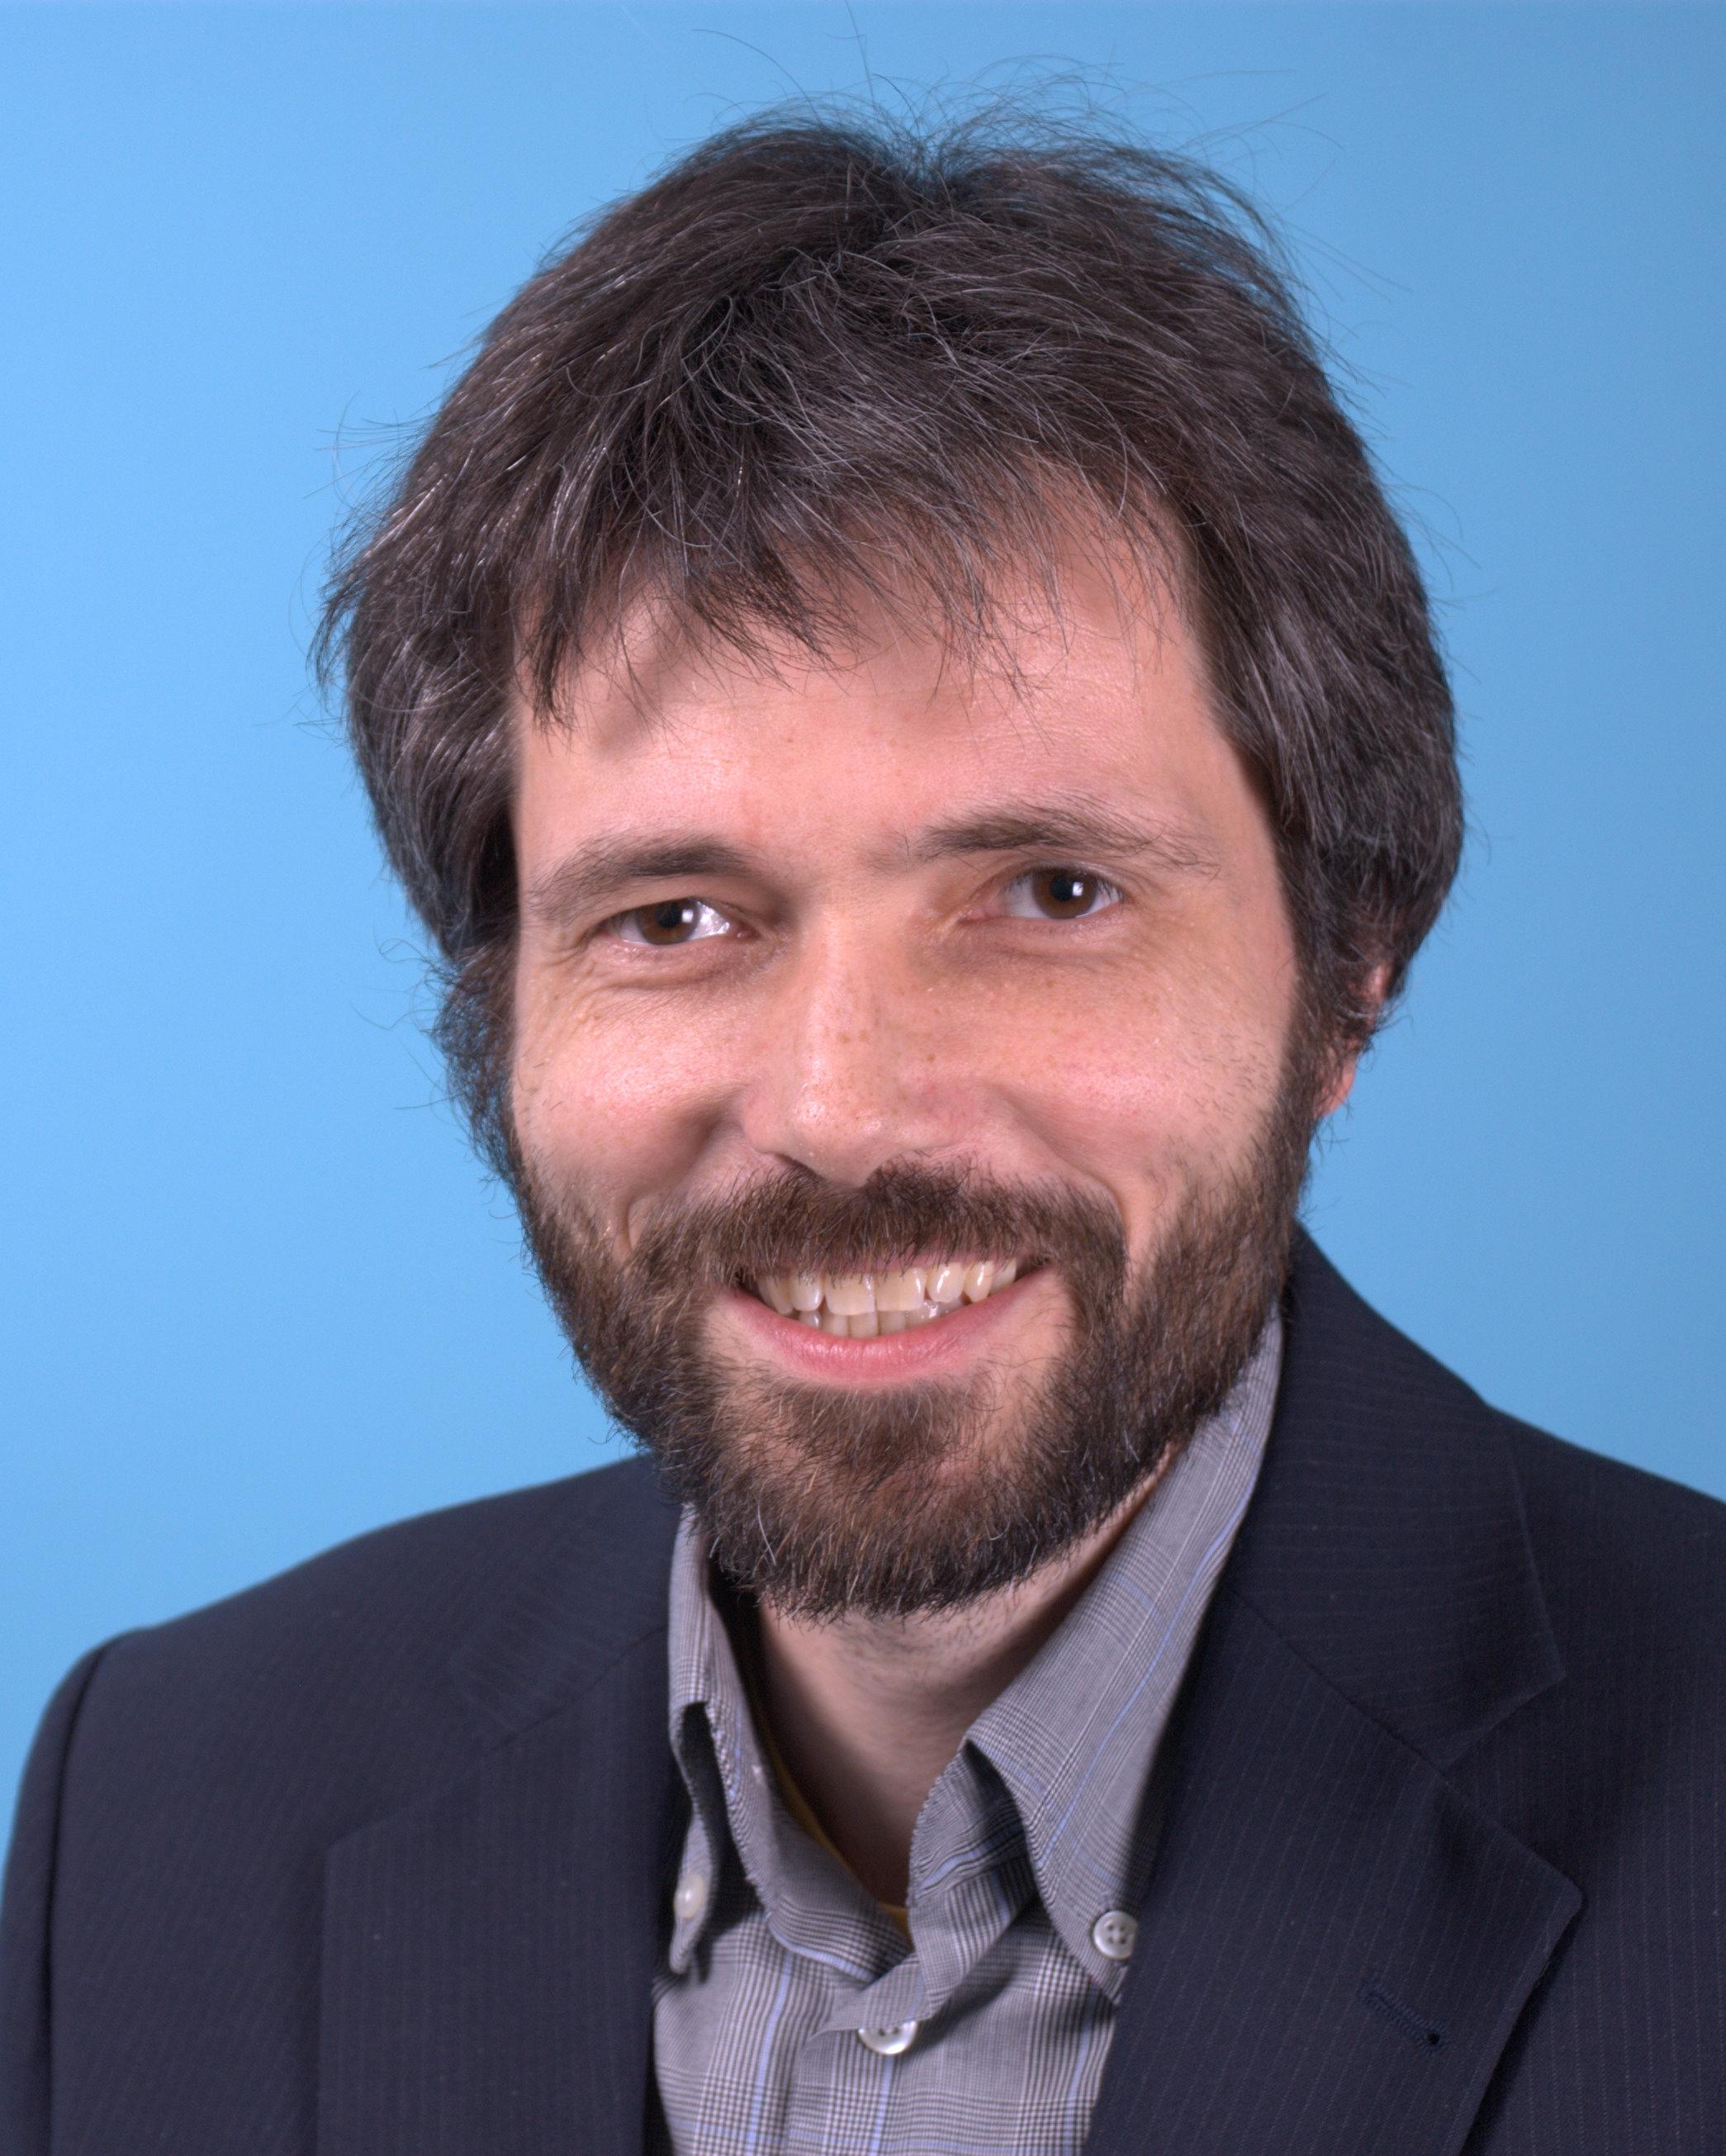 Zondag, prof.dr. H.A.